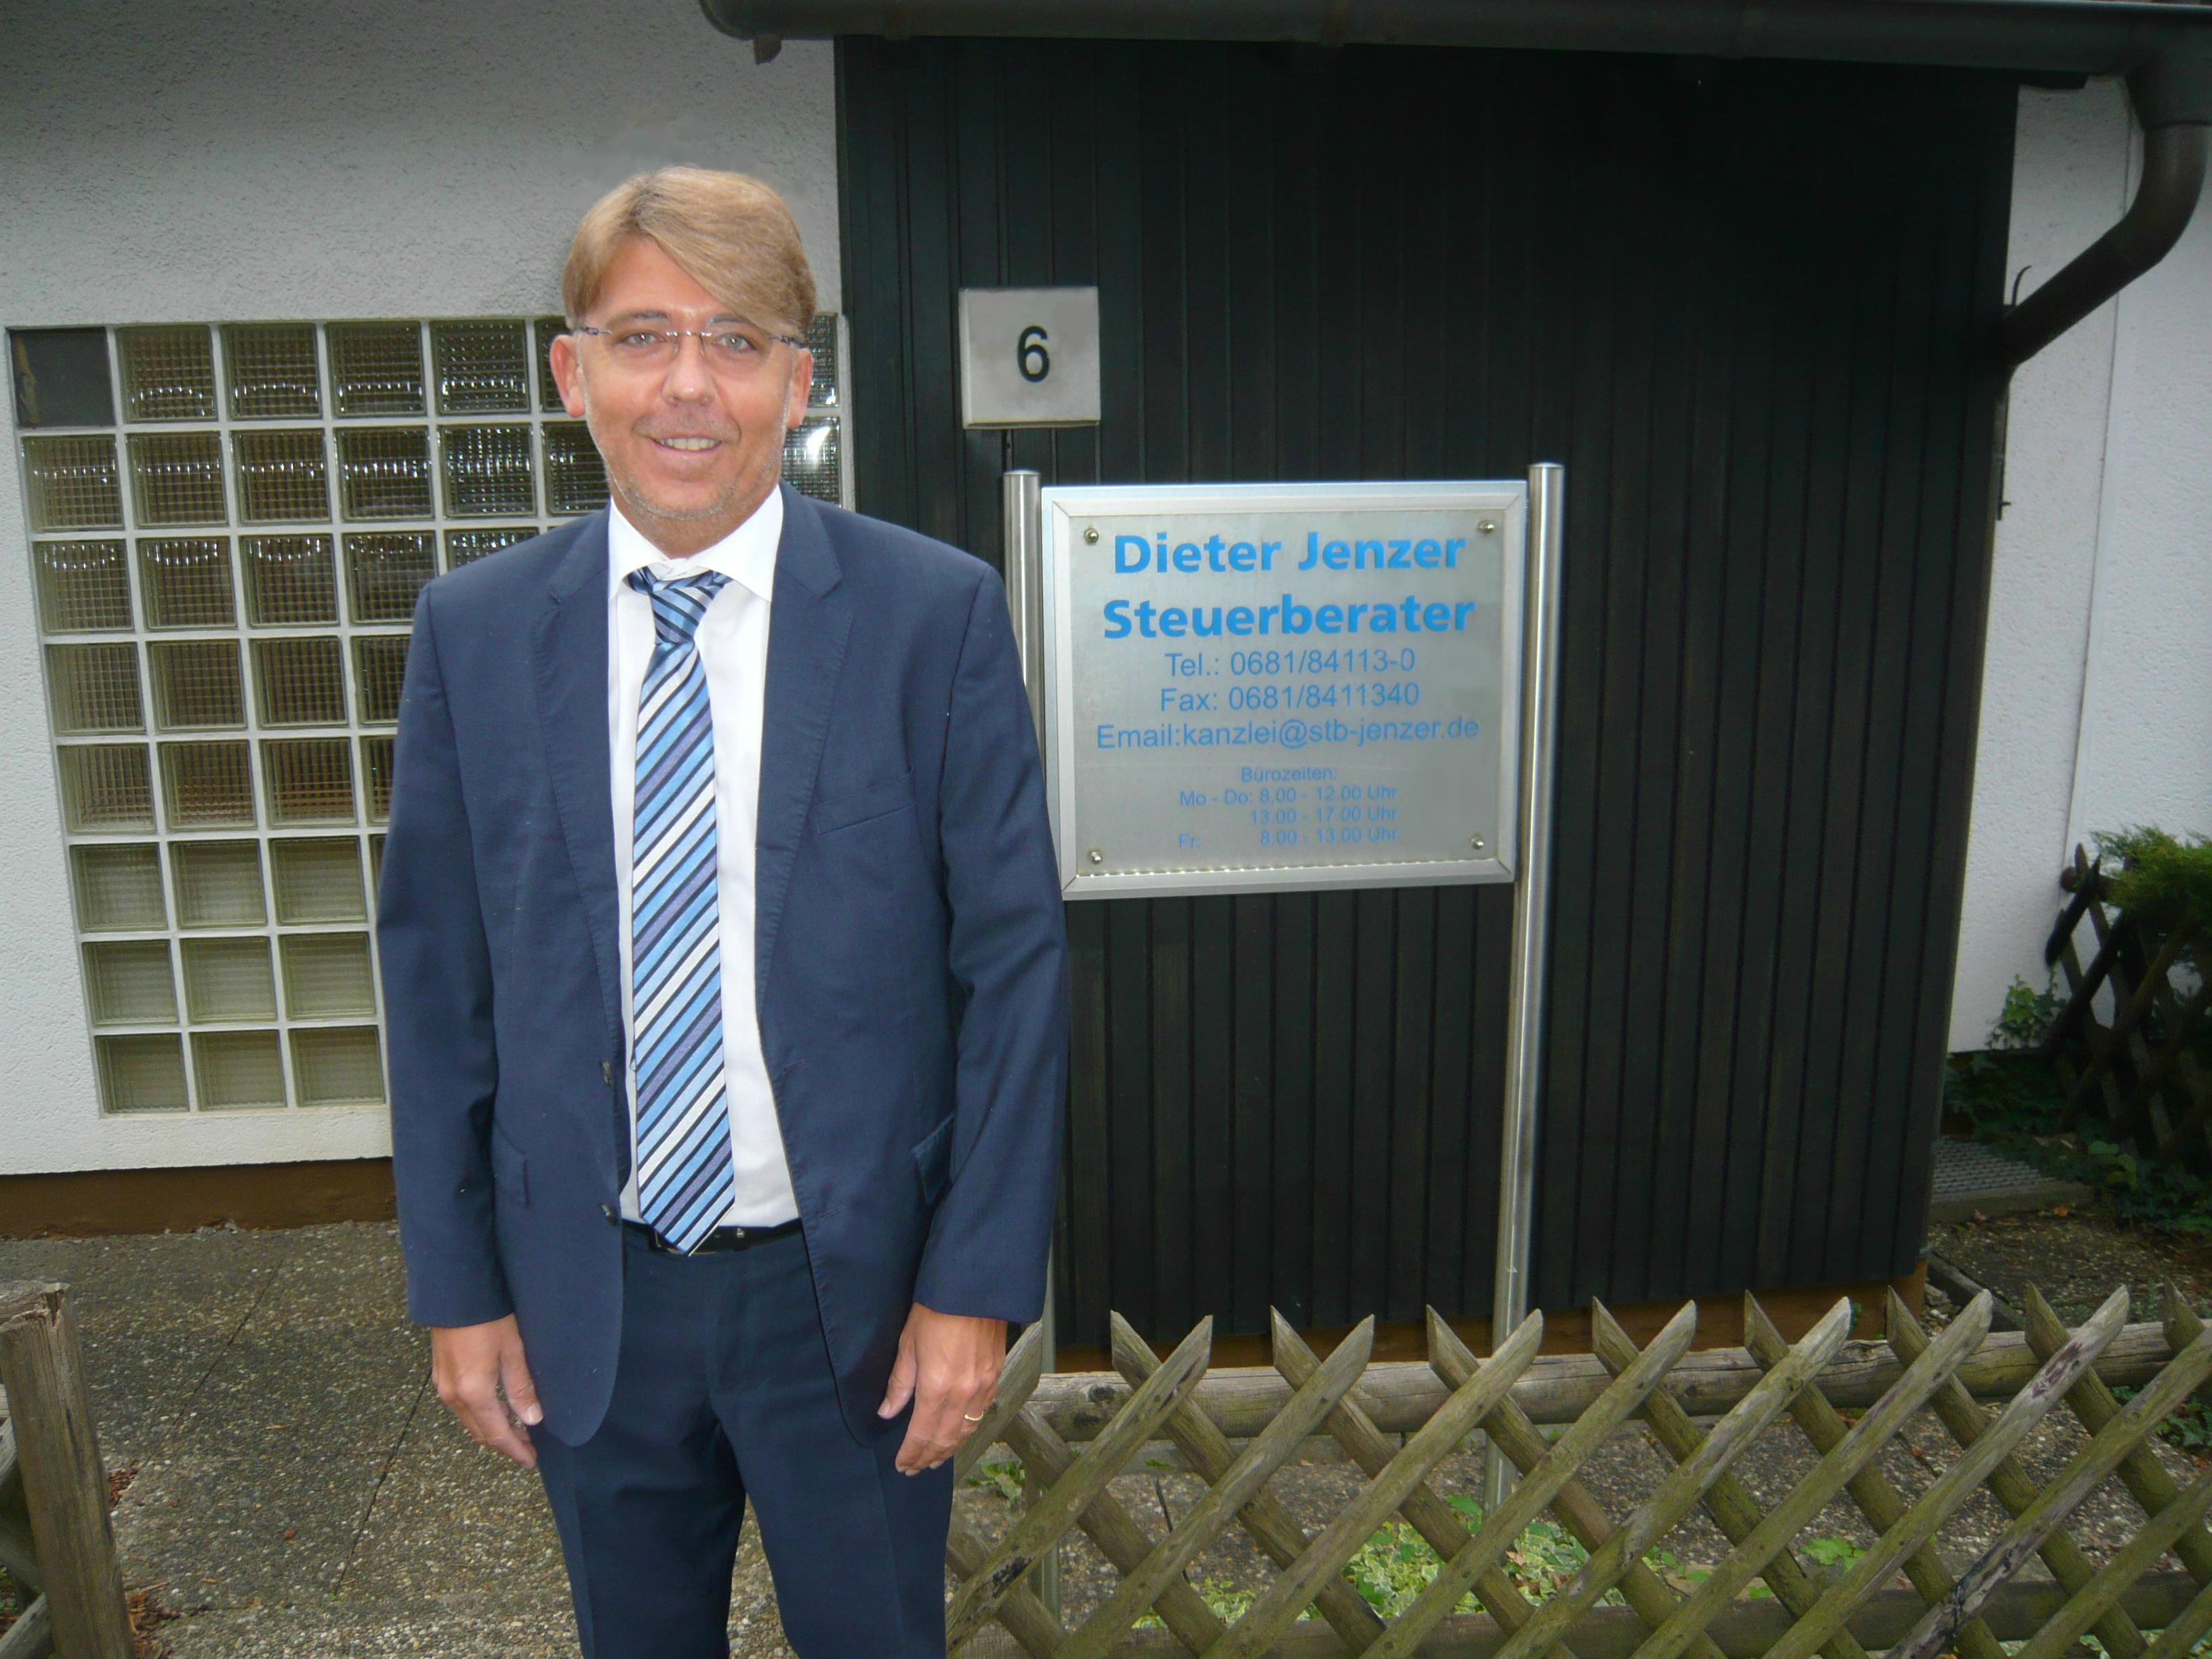 Dieter Jenzer